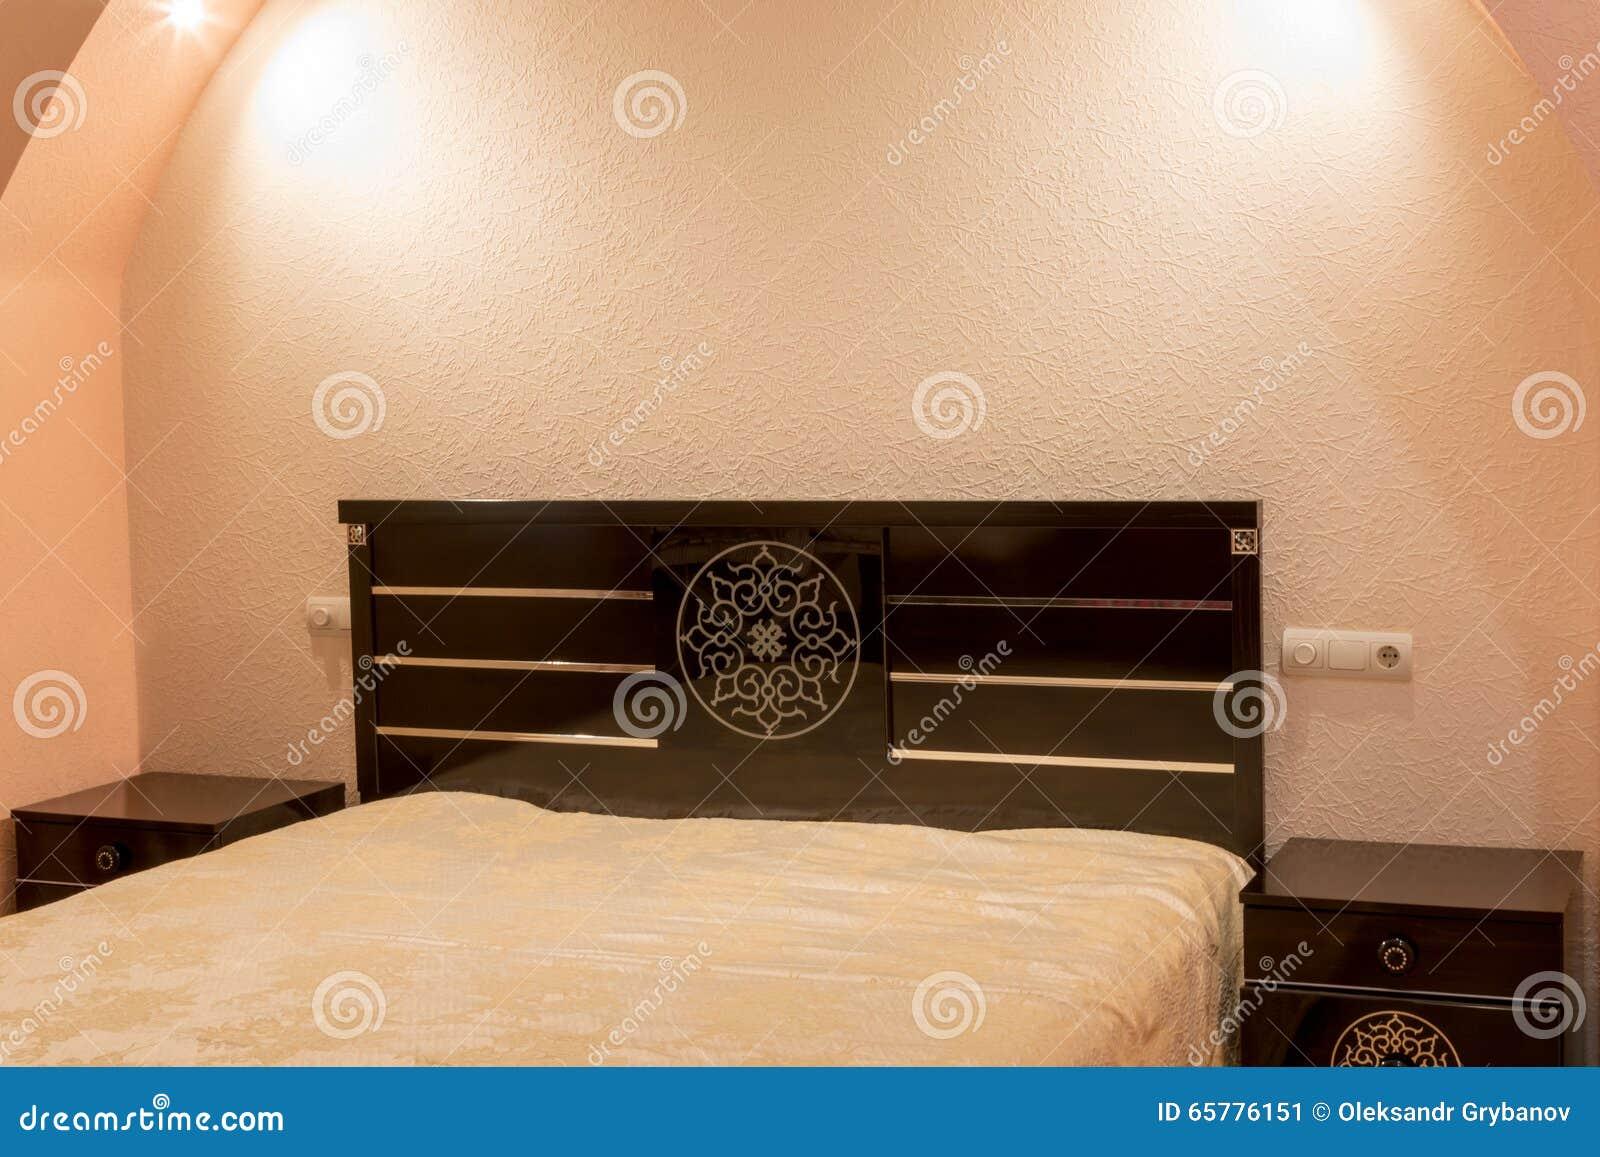 Table de chevet près du lit